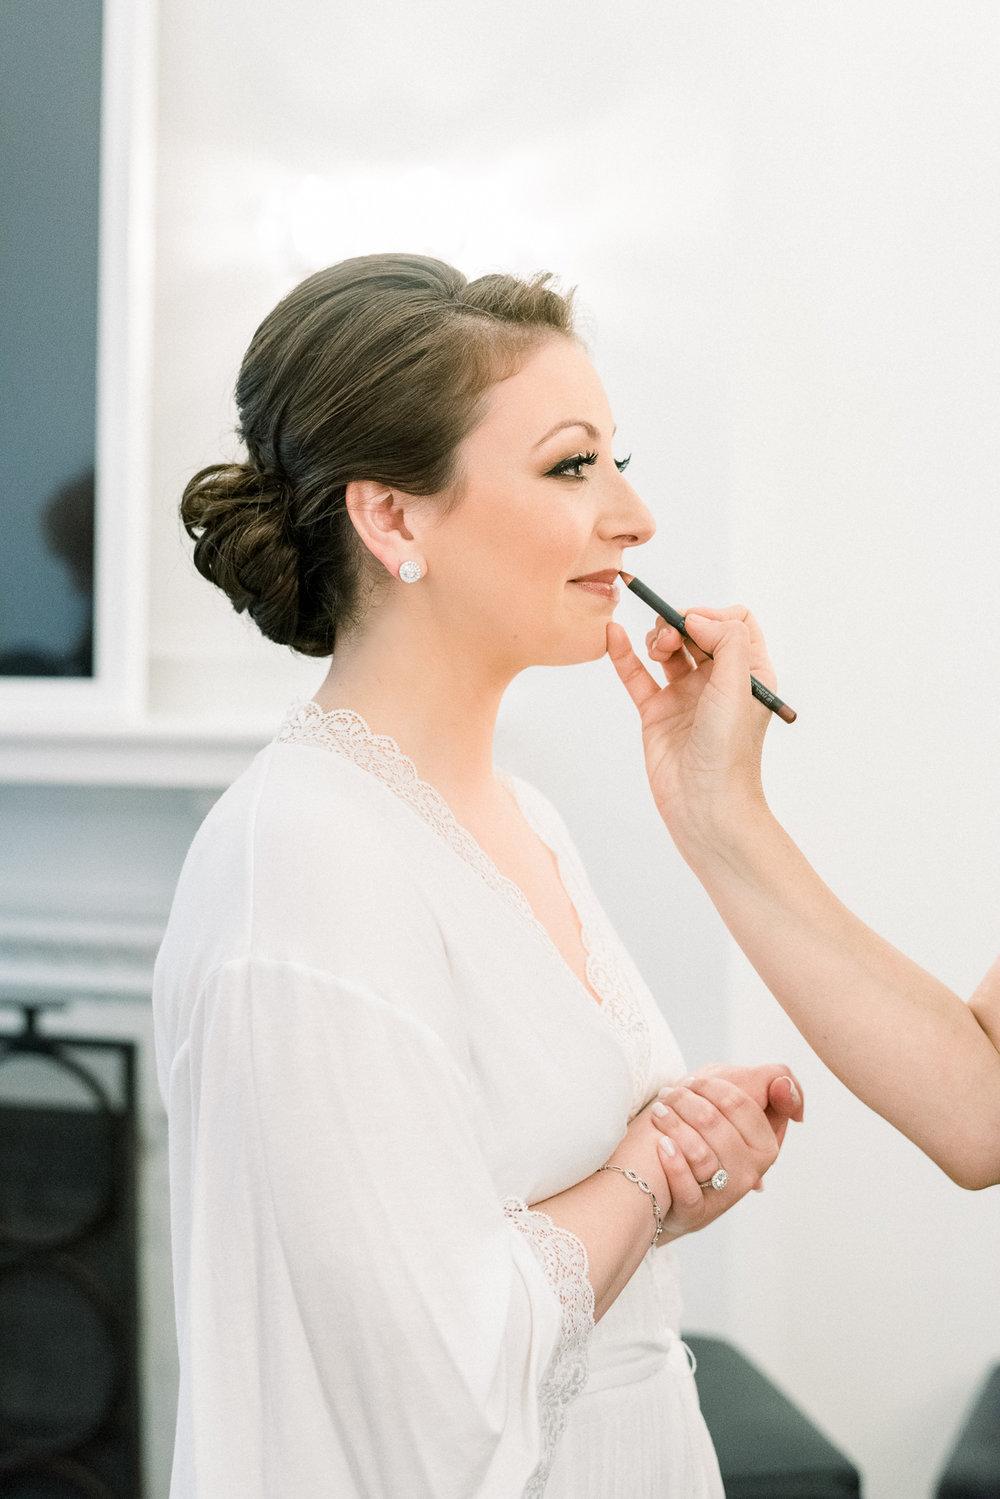 Bridal Touchups